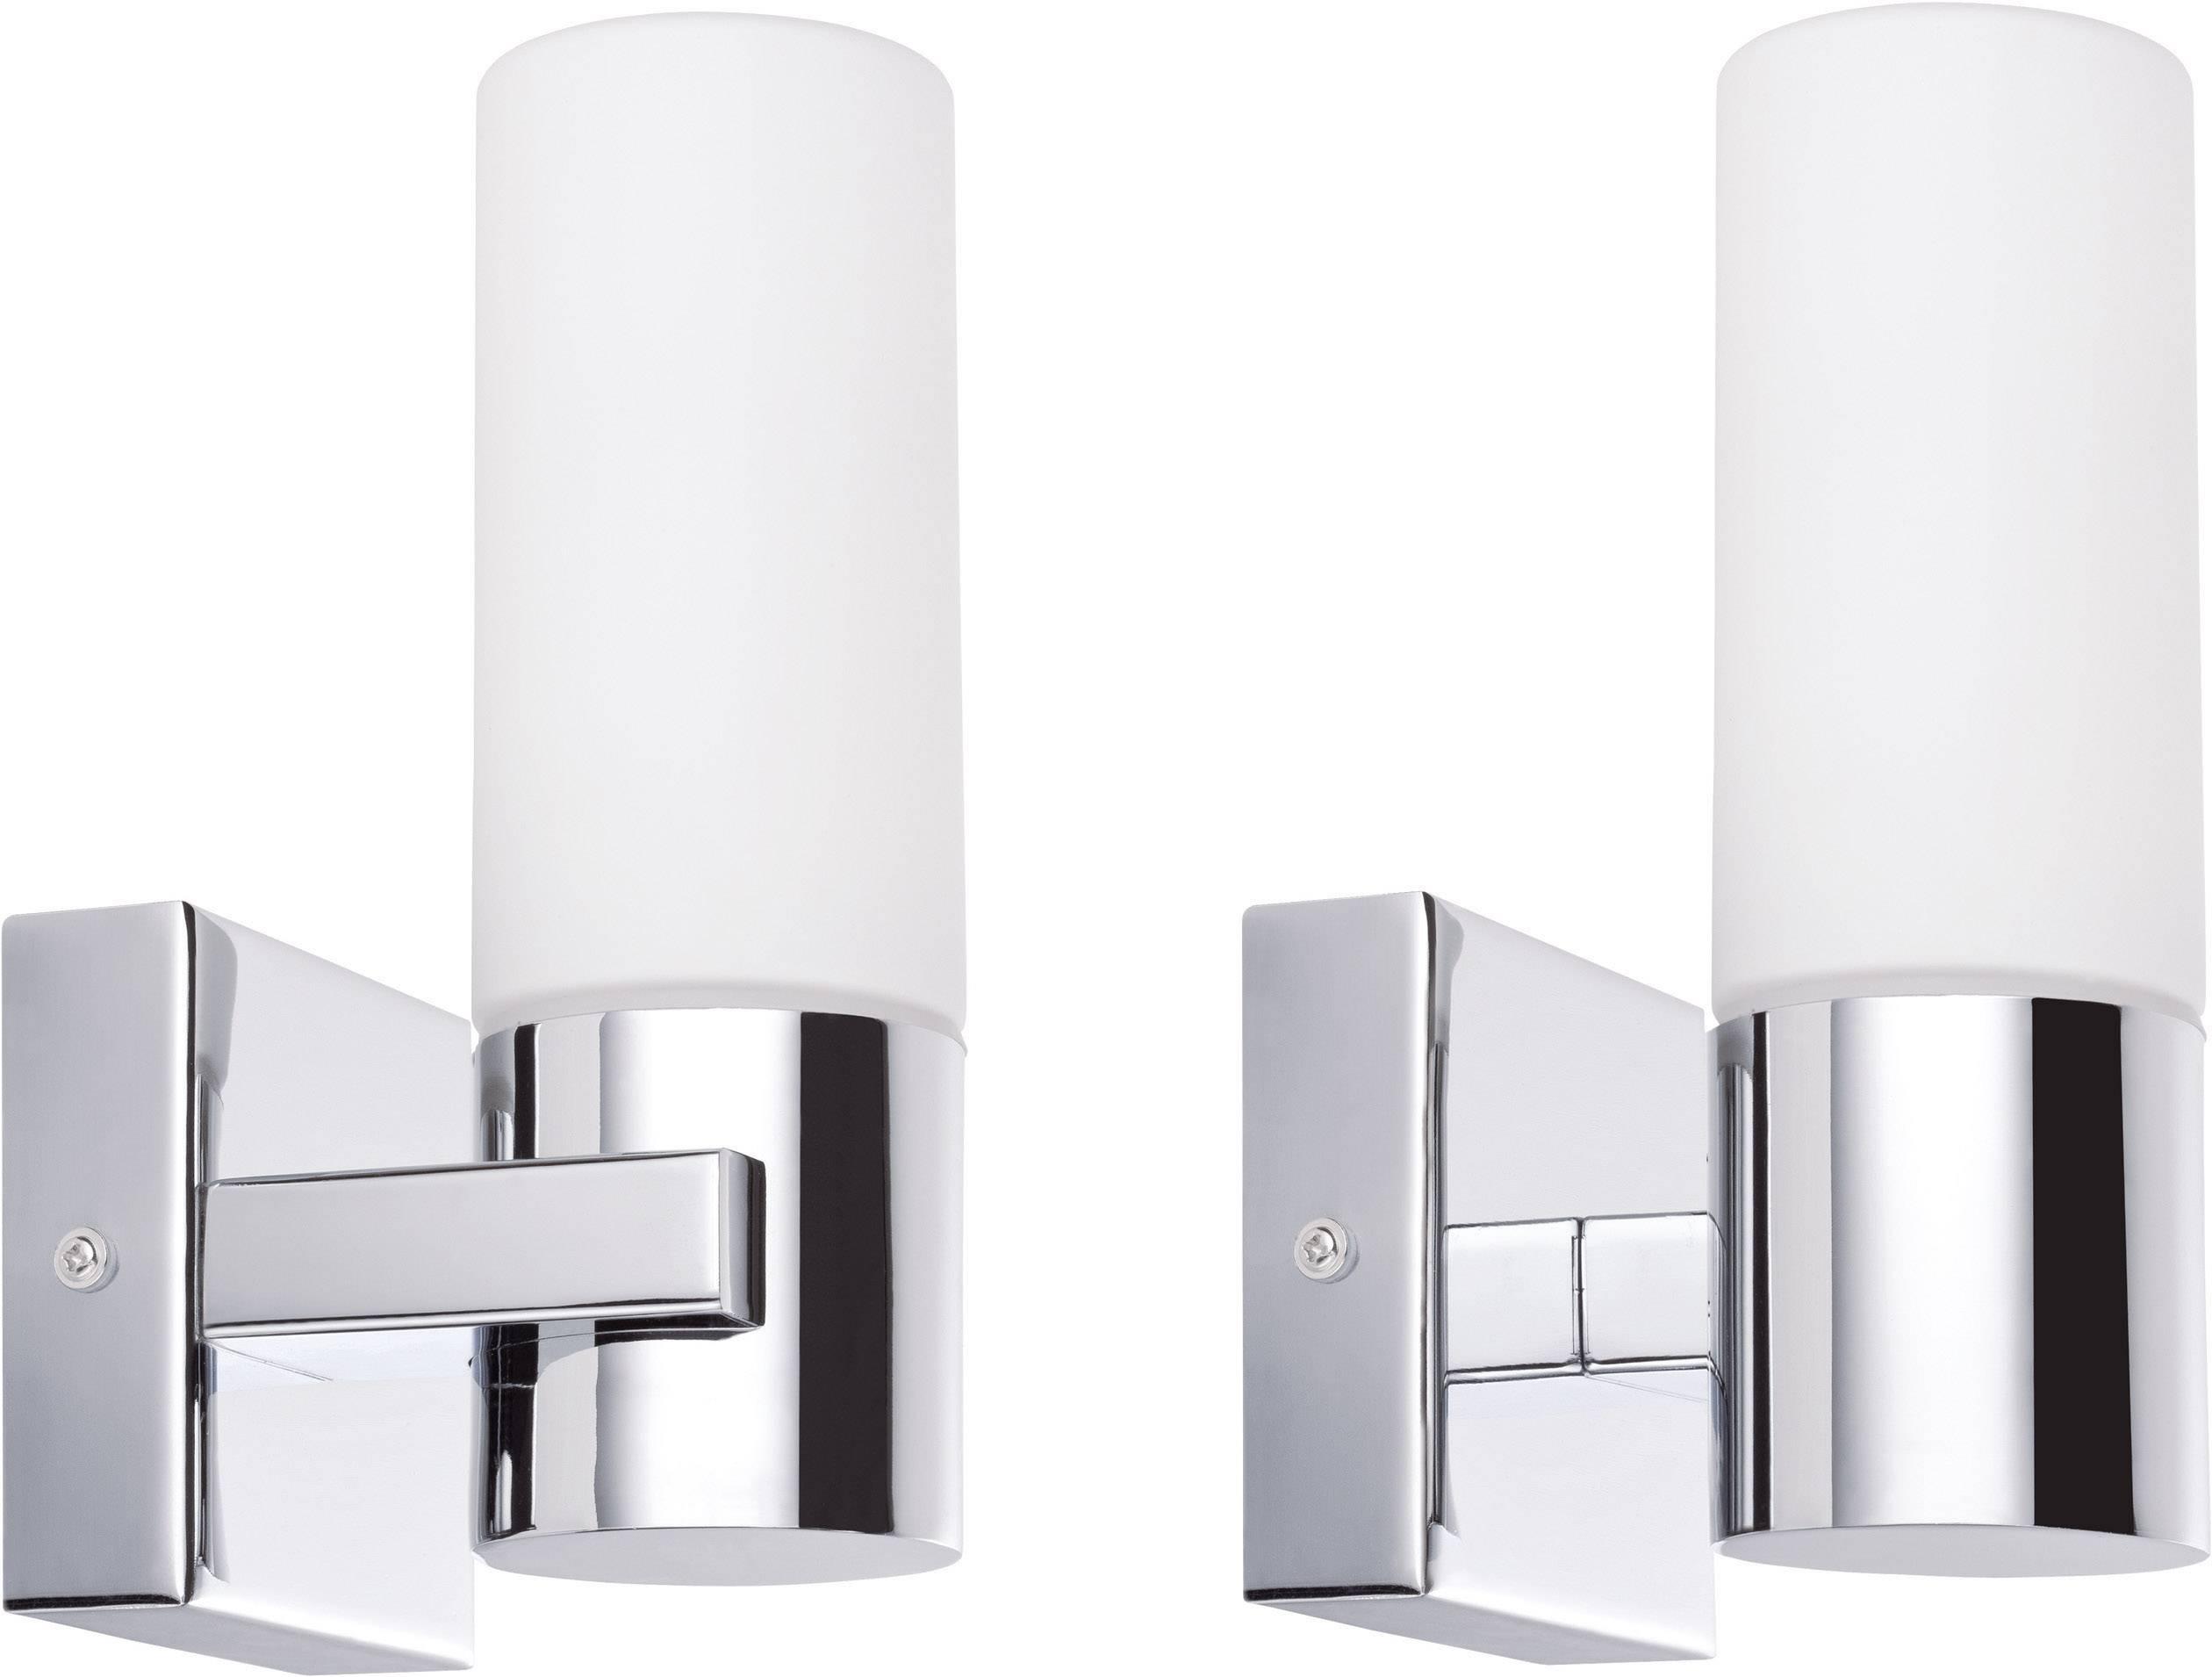 Plafoniere Da Parete Per Bagno : Lampada da parete per bagno lampadina alogena a risparmio